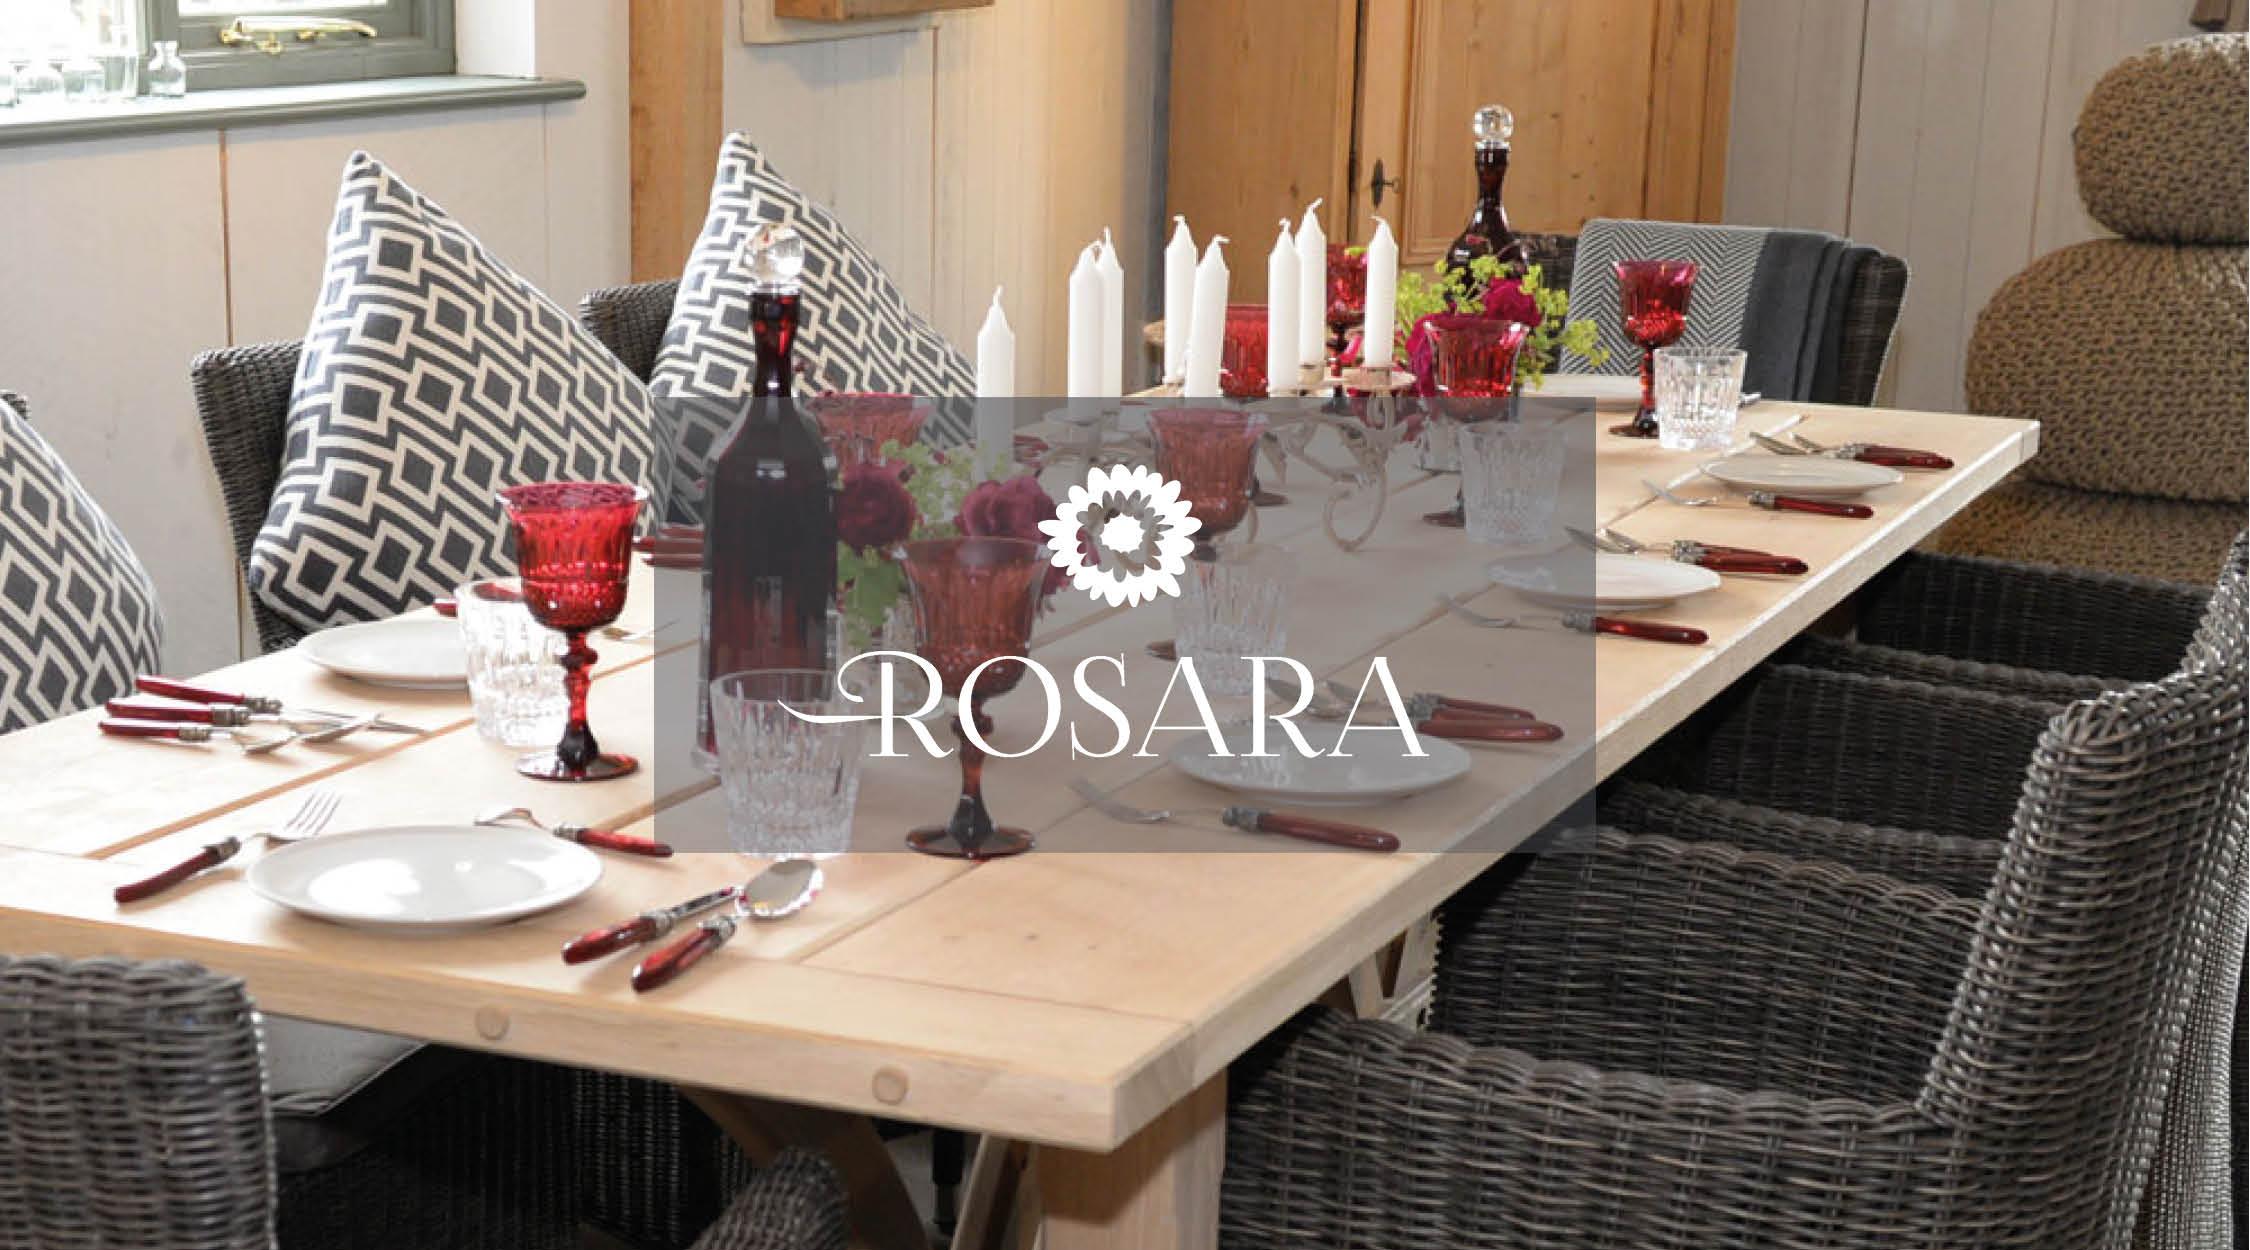 2016 – Rosara established